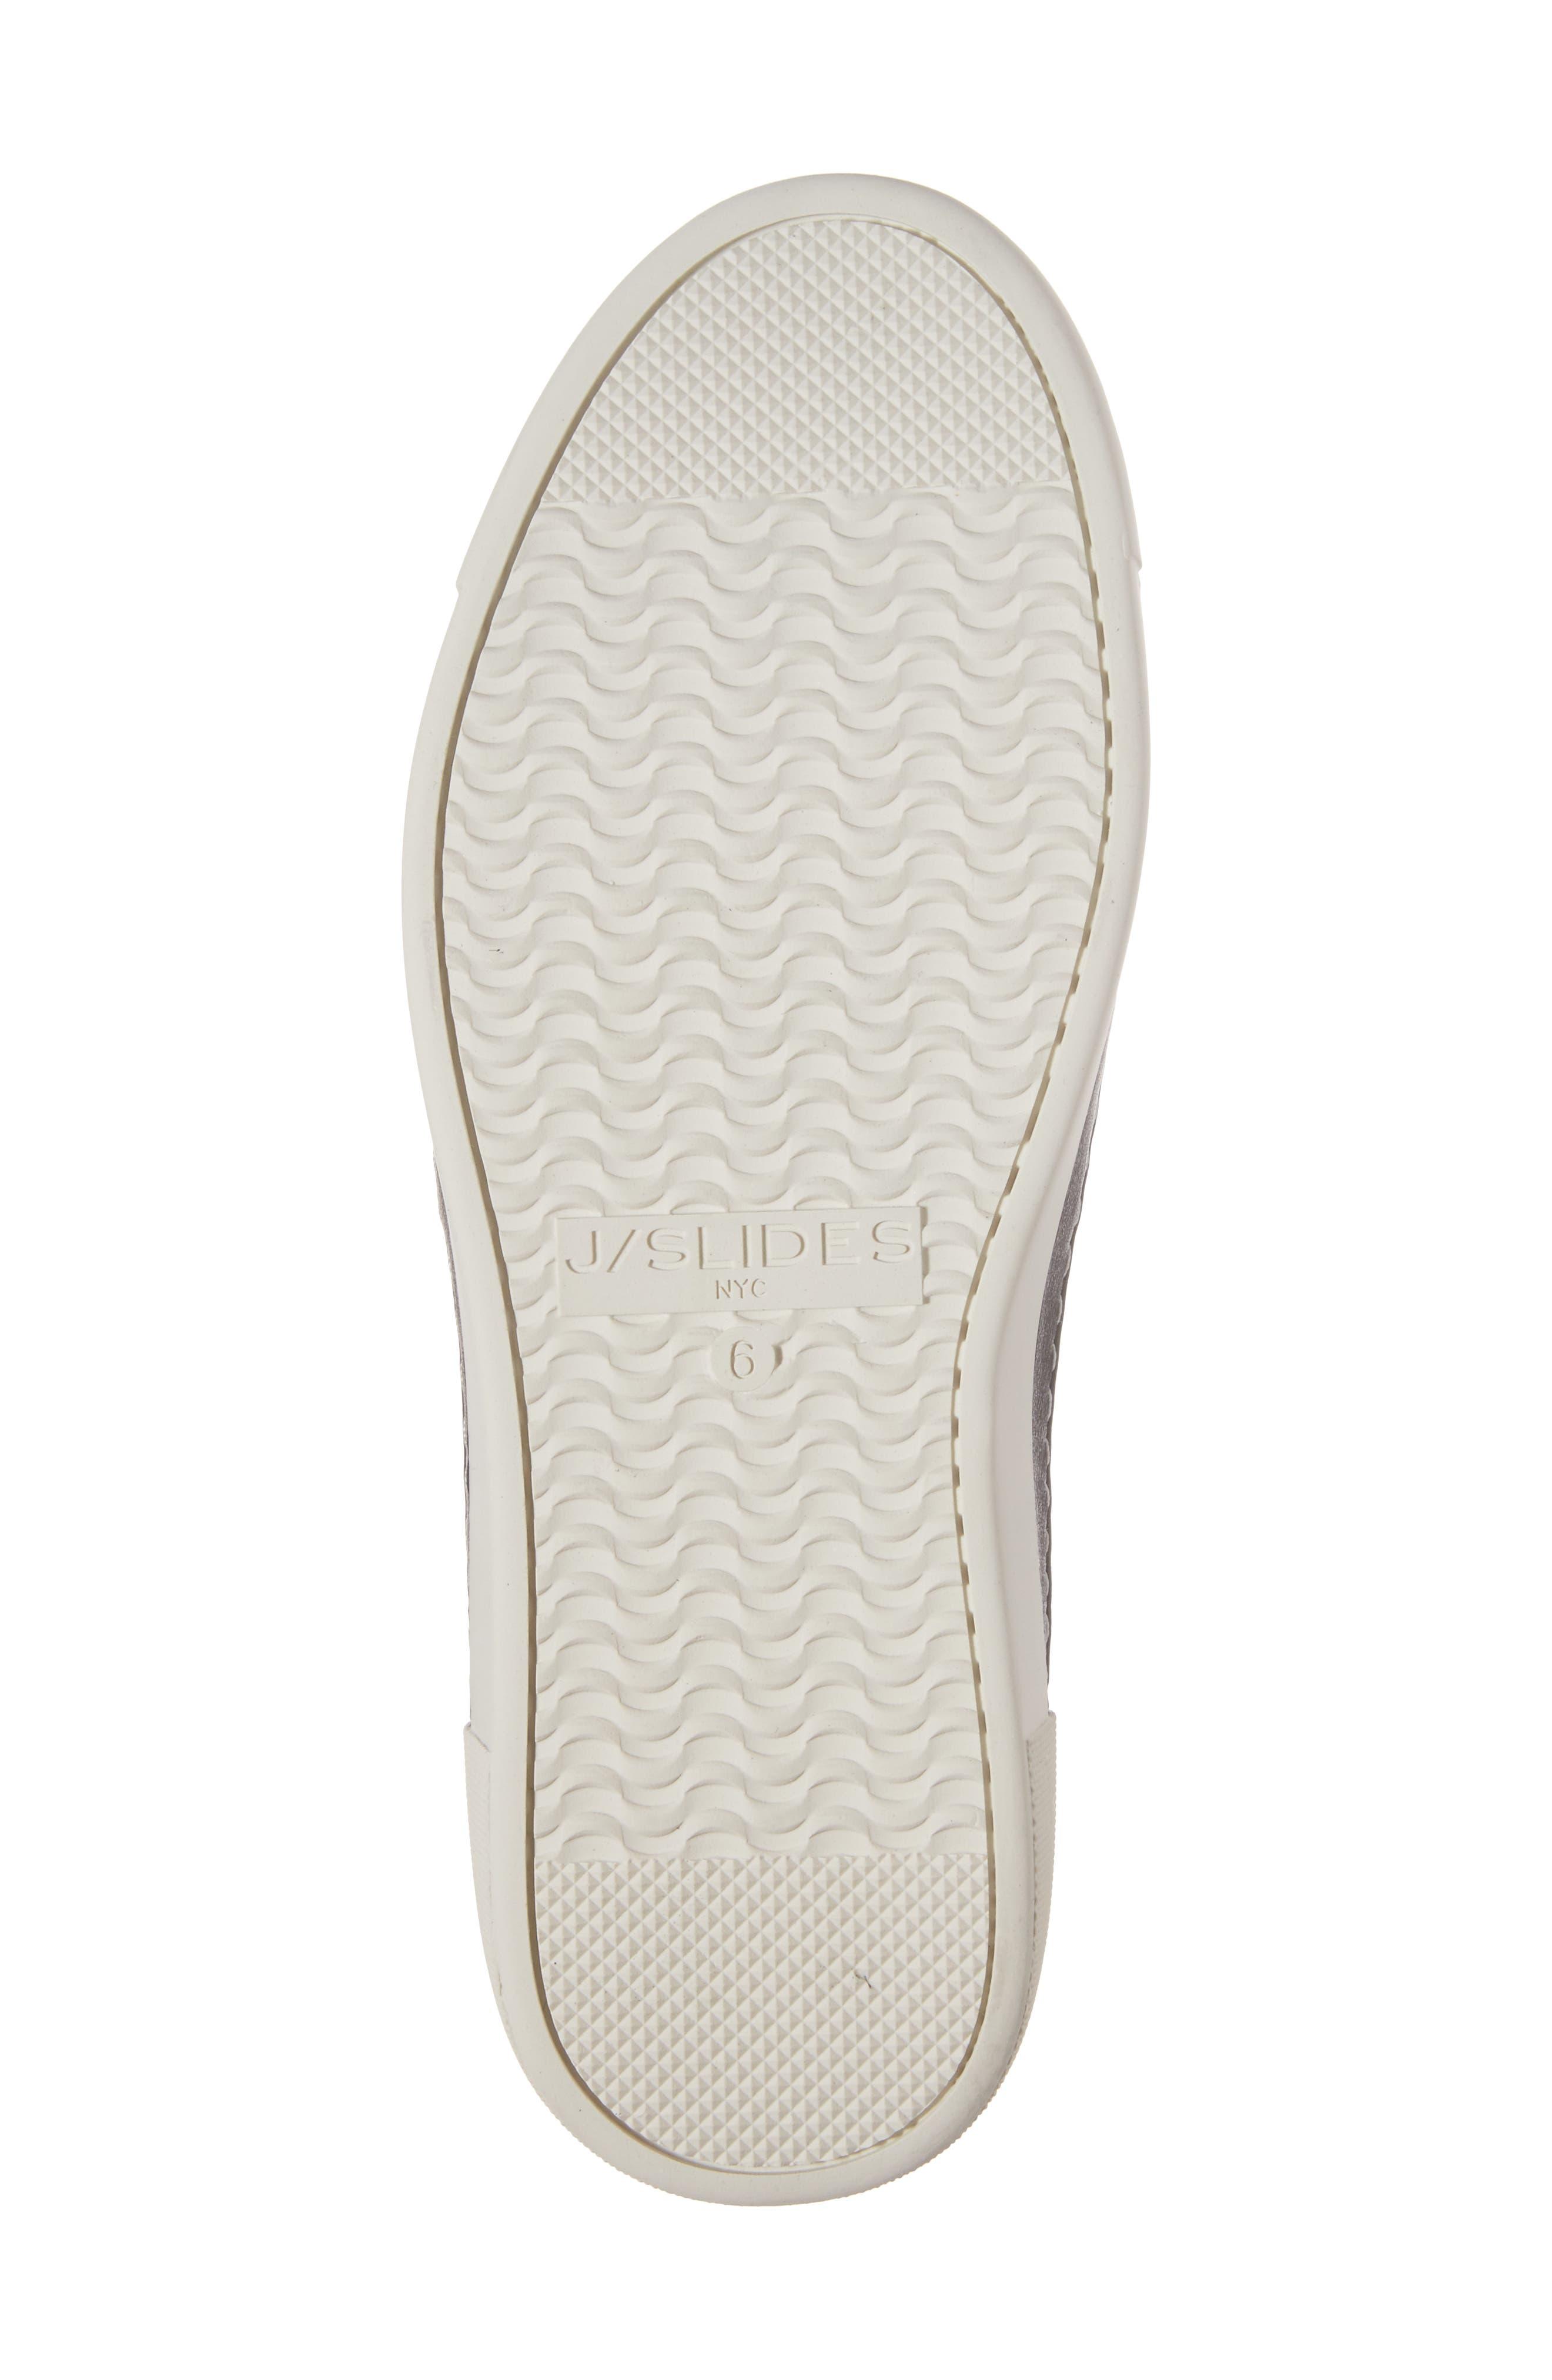 Voila Slip-On Sneaker,                             Alternate thumbnail 6, color,                             015